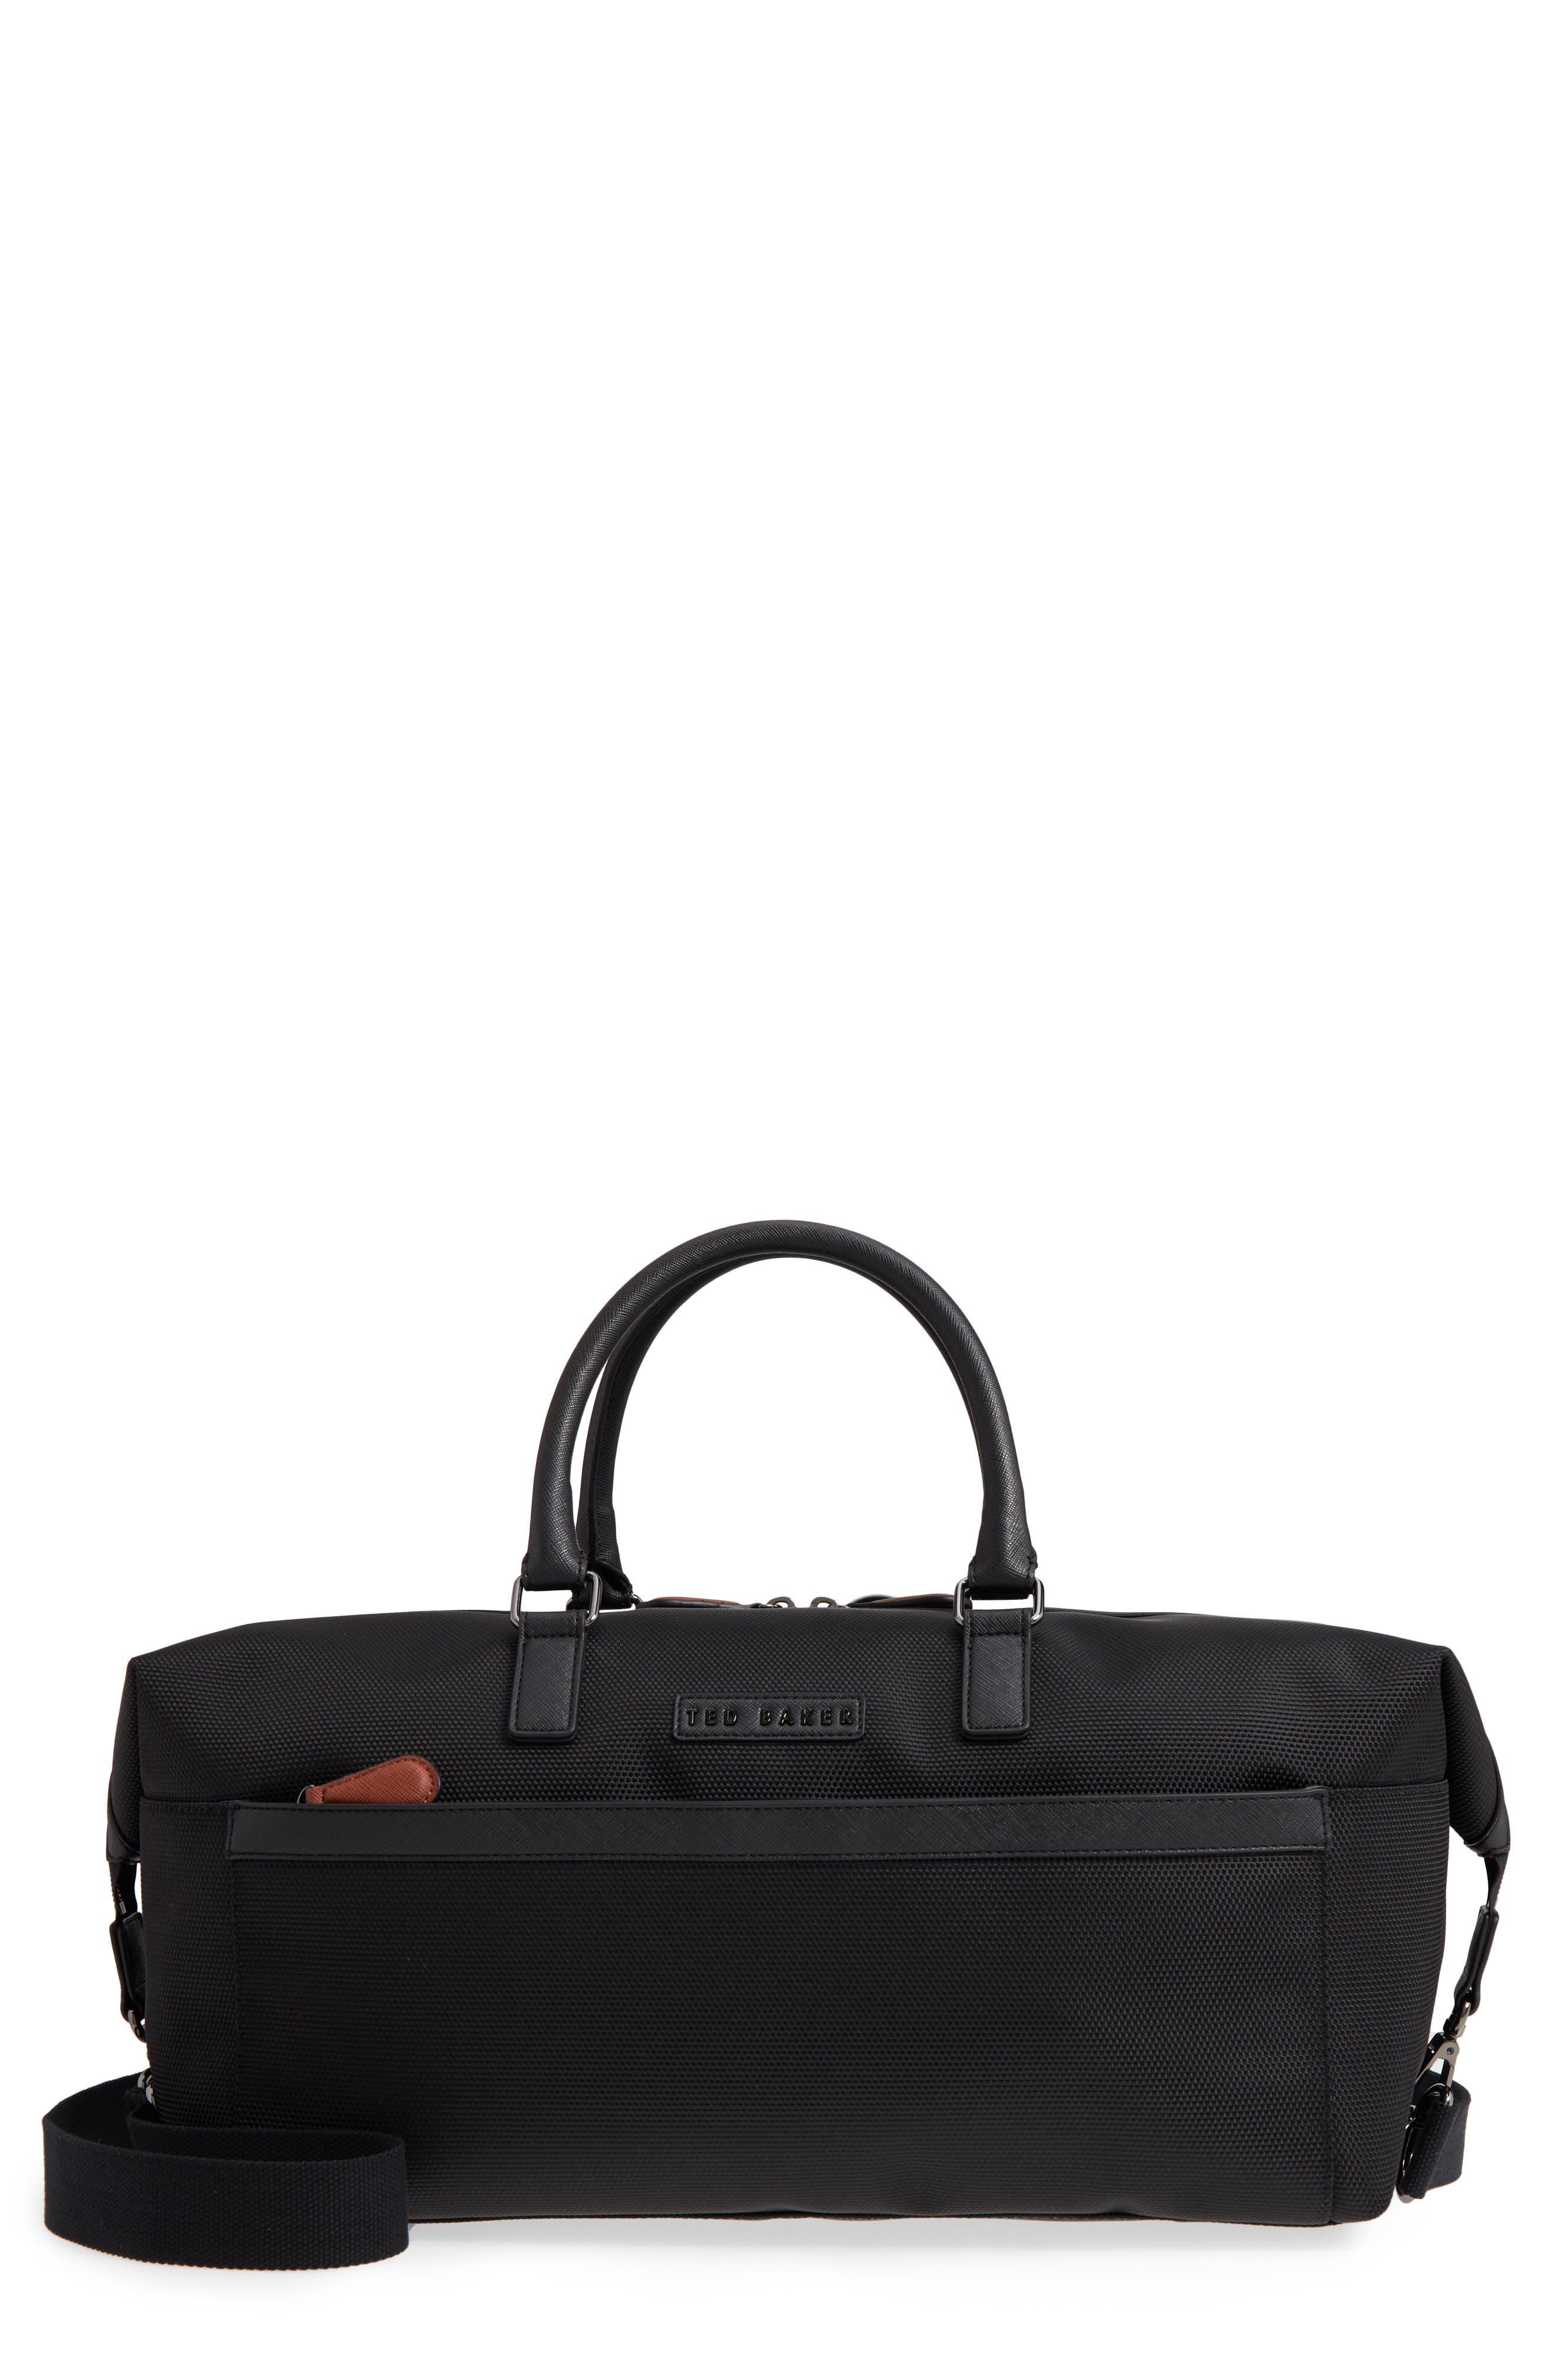 Smart Duffel Bag,                         Main,                         color, Black